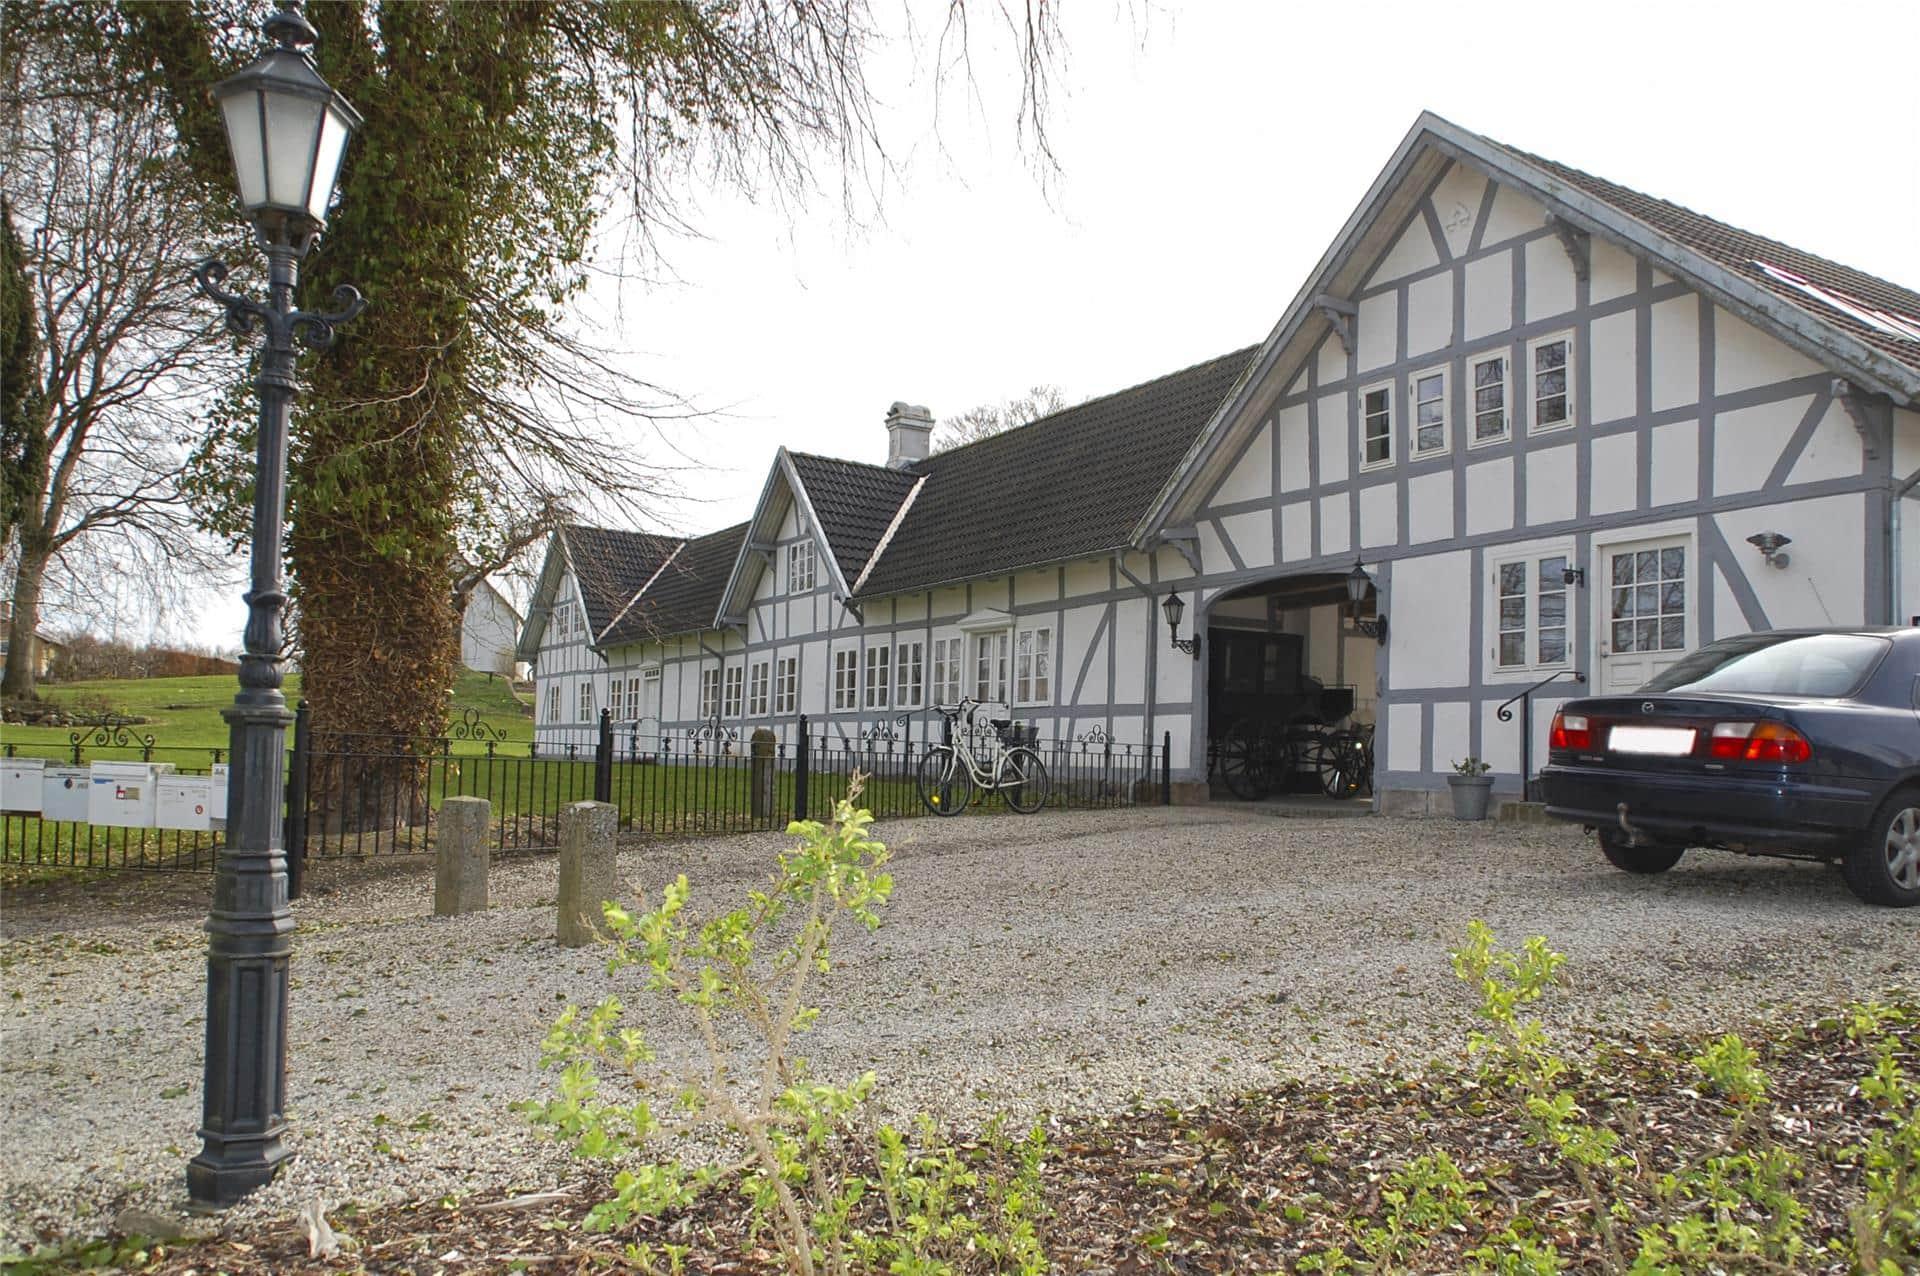 Billede 1-3 Sommerhus M66722, Åsum Bygade 11, DK - 5240 Odense NØ